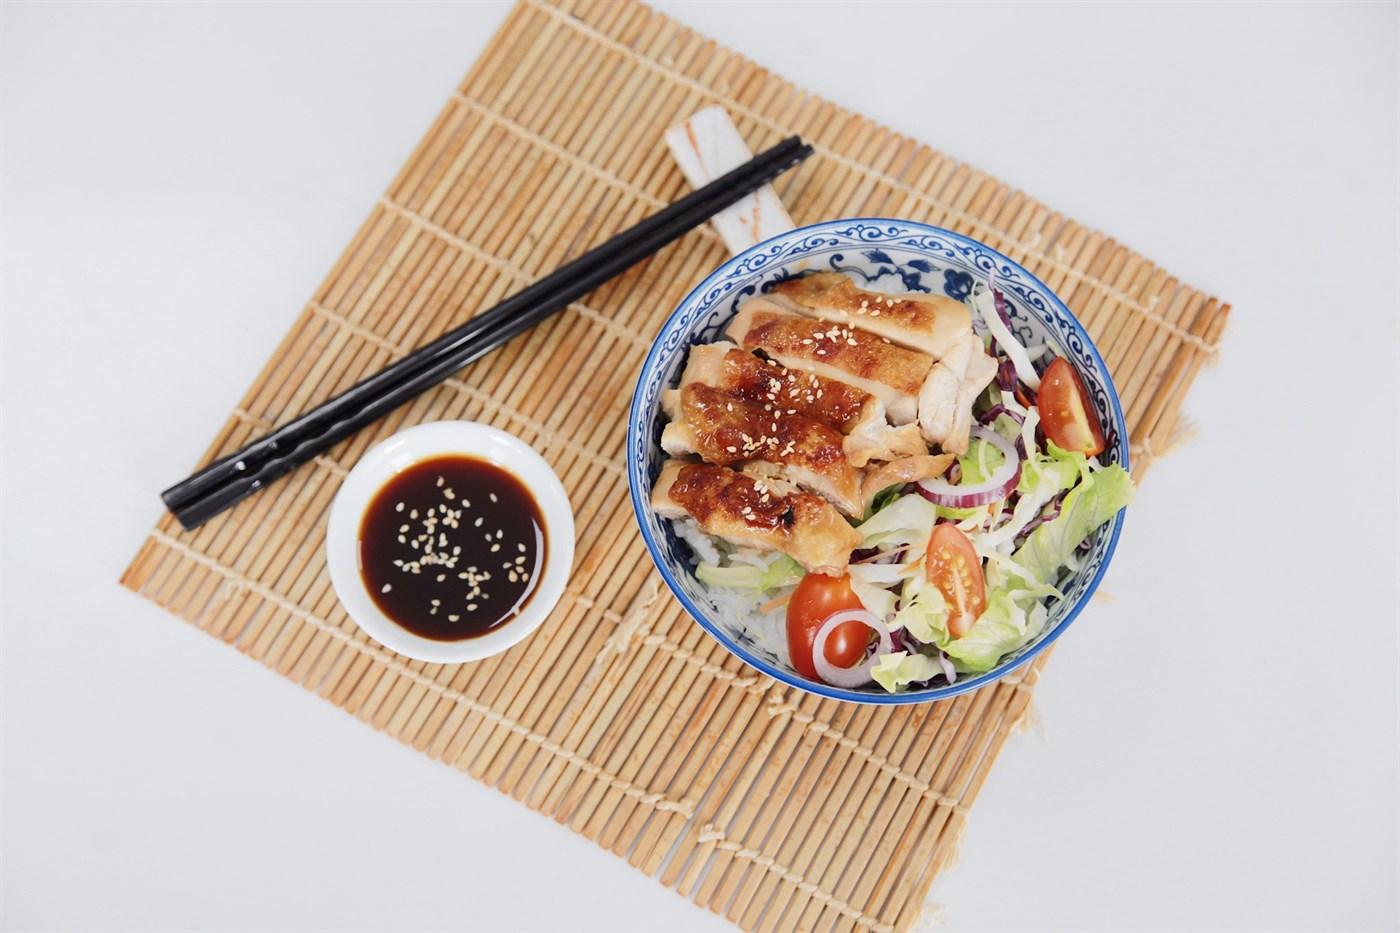 Ẩm Thực Nhật Bản: Cơm Gà Sốt Teriyaki